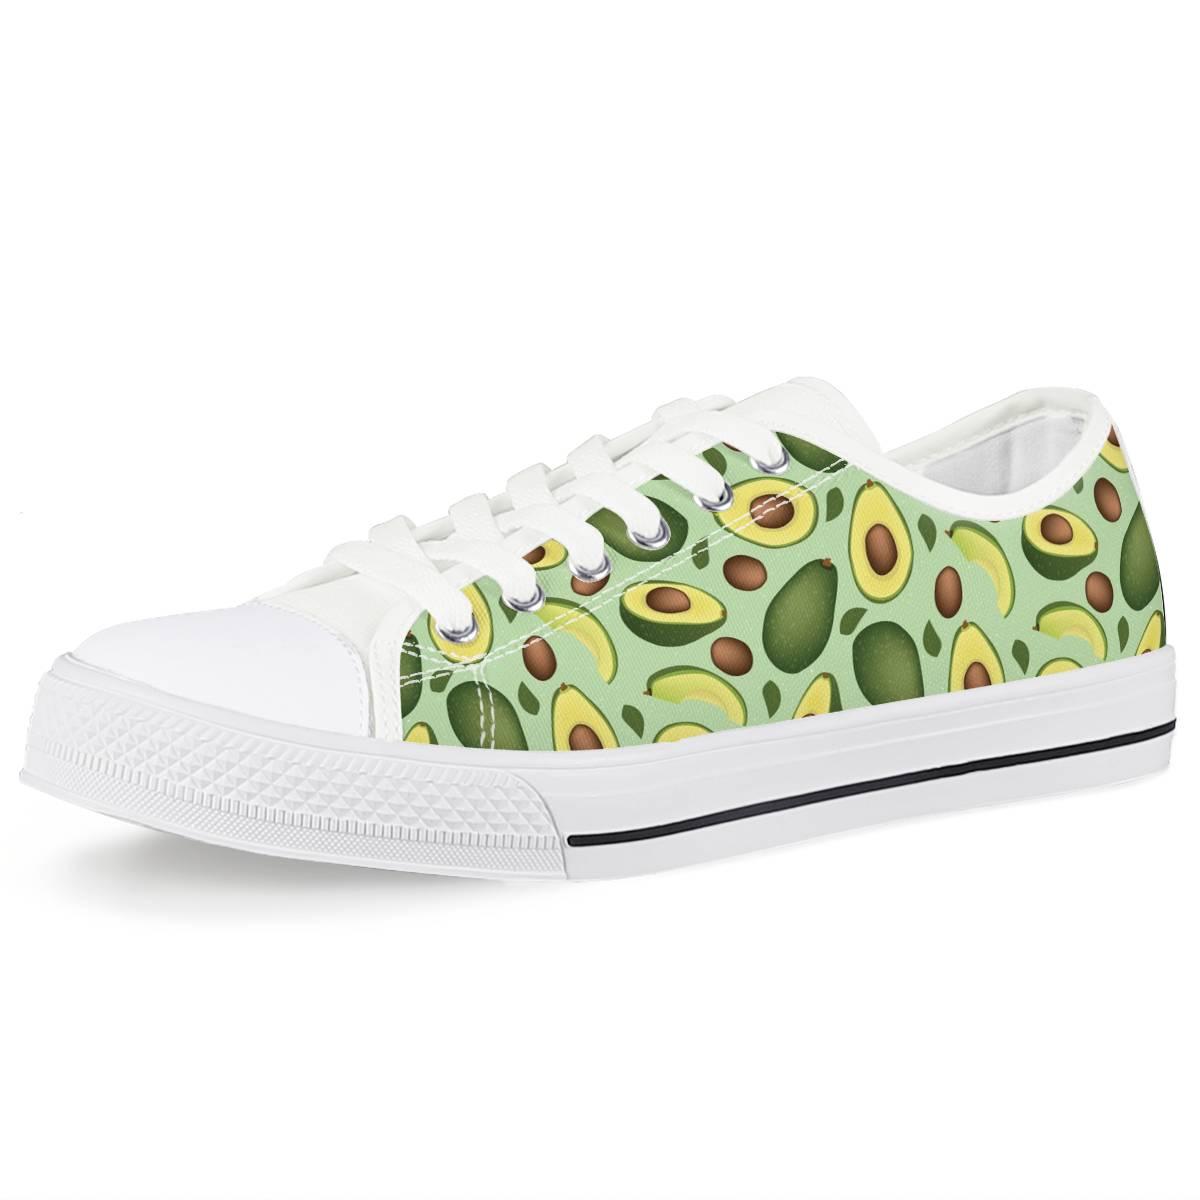 Avocado Low Top Canvas Shoes